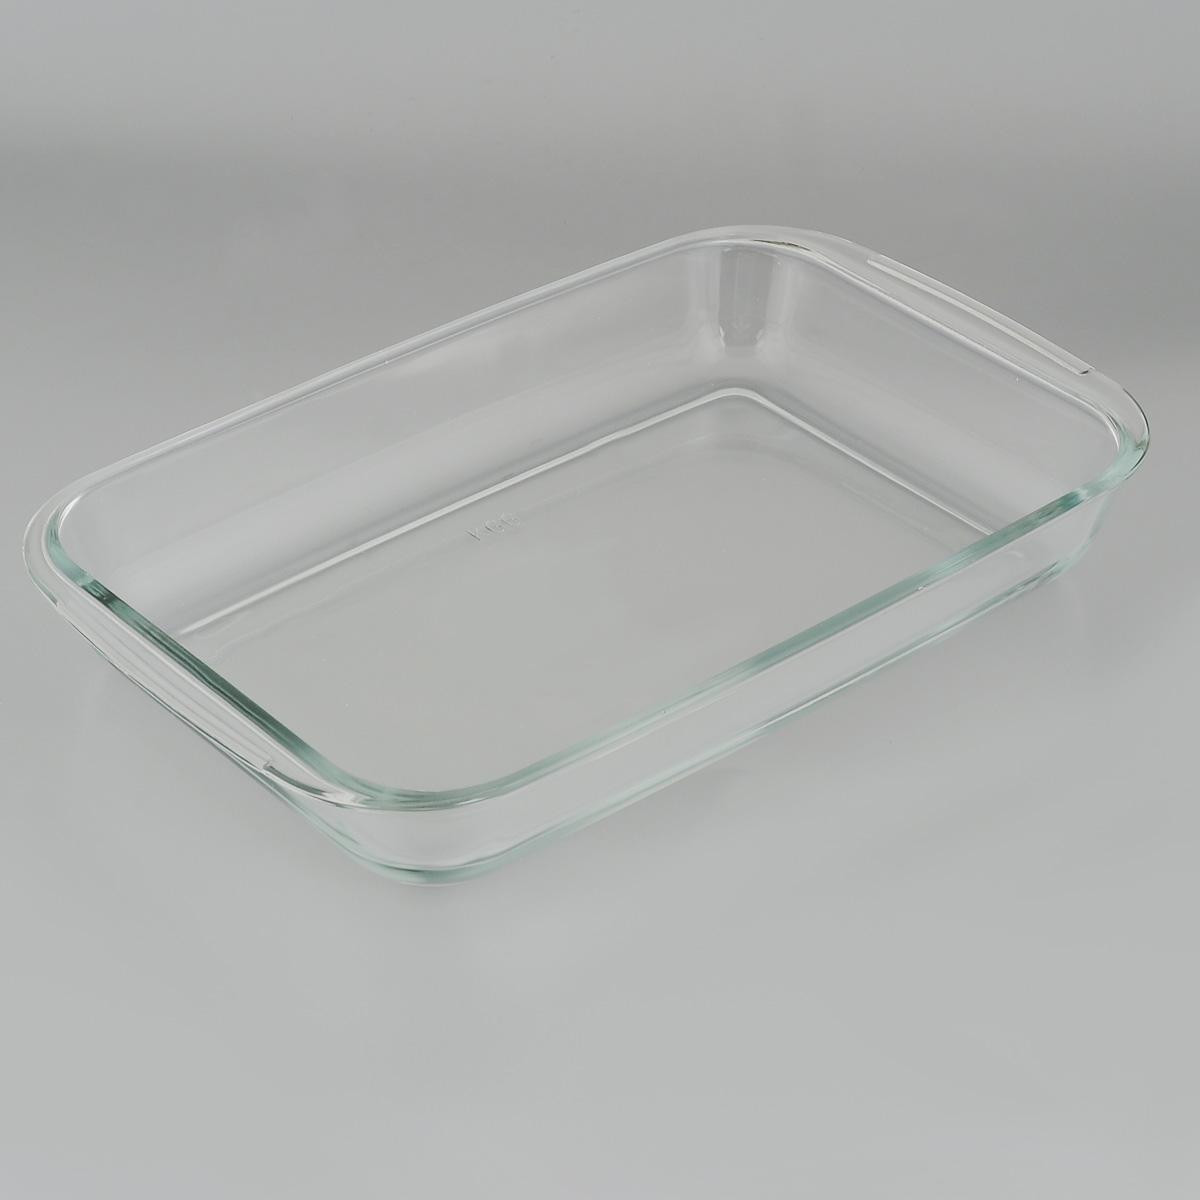 """Прямоугольная форма для запекания """"Едим Дома"""" изготовлена из жаропрочного стекла,  которое выдерживает температуру до +450°С. Форма предназначена для  приготовления горячих блюд. Оснащена двумя ручками. Материал изделия гигиеничен, прост в уходе и обладает высокой степенью прочности.  Форма идеально подходит для использования в духовках, микроволновых печах,  холодильниках и морозильных камерах. Также ее можно использовать на газовых  плитах (на слабом огне) и на электроплитах. Можно мыть в посудомоечной  машине. Внутренний размер формы: 26 см х 17 см. Внешний размер формы (с учетом ручек): 29 см х 17 см.  Высота стенки формы: 5 см."""